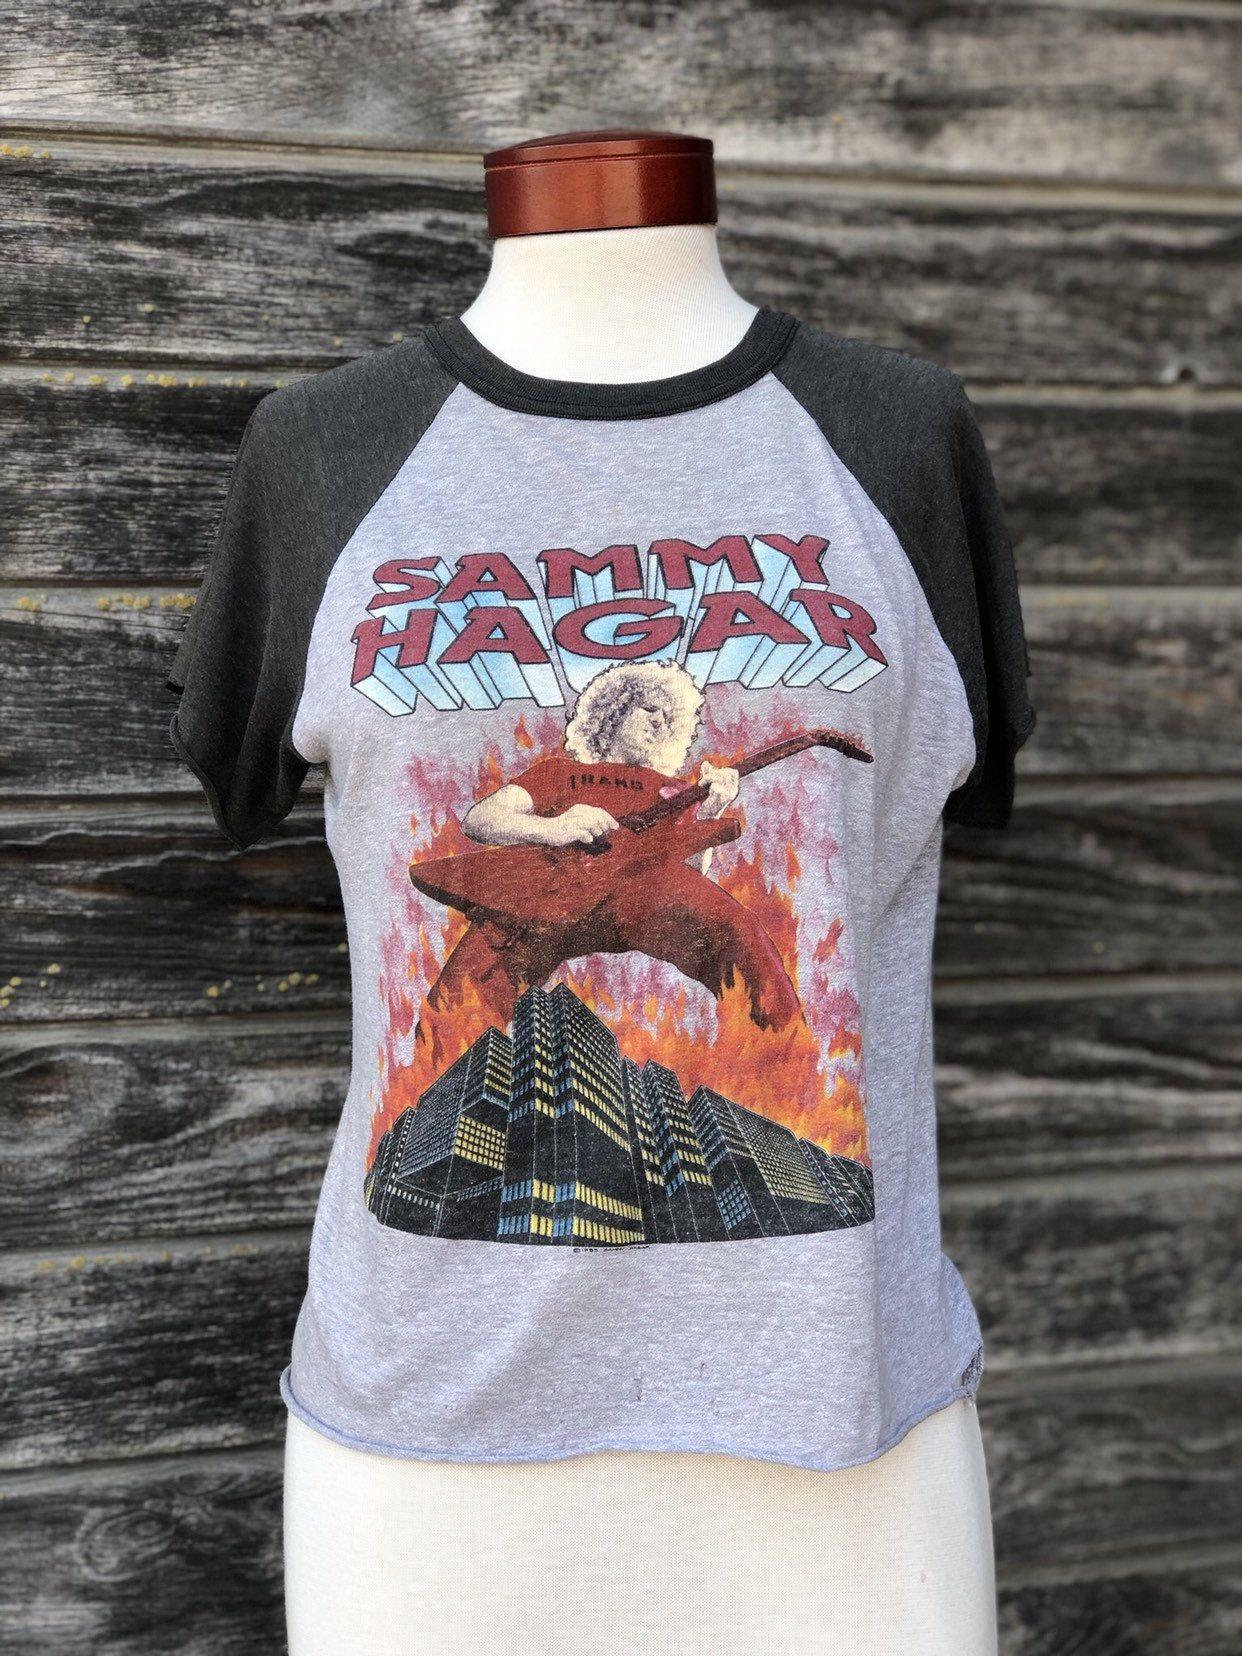 Vintage Sammy Hagar Concert T Shirt The Red Rocker Tour Shirt Etsy In 2020 Concert Tshirts Tour Shirt Red Rocker